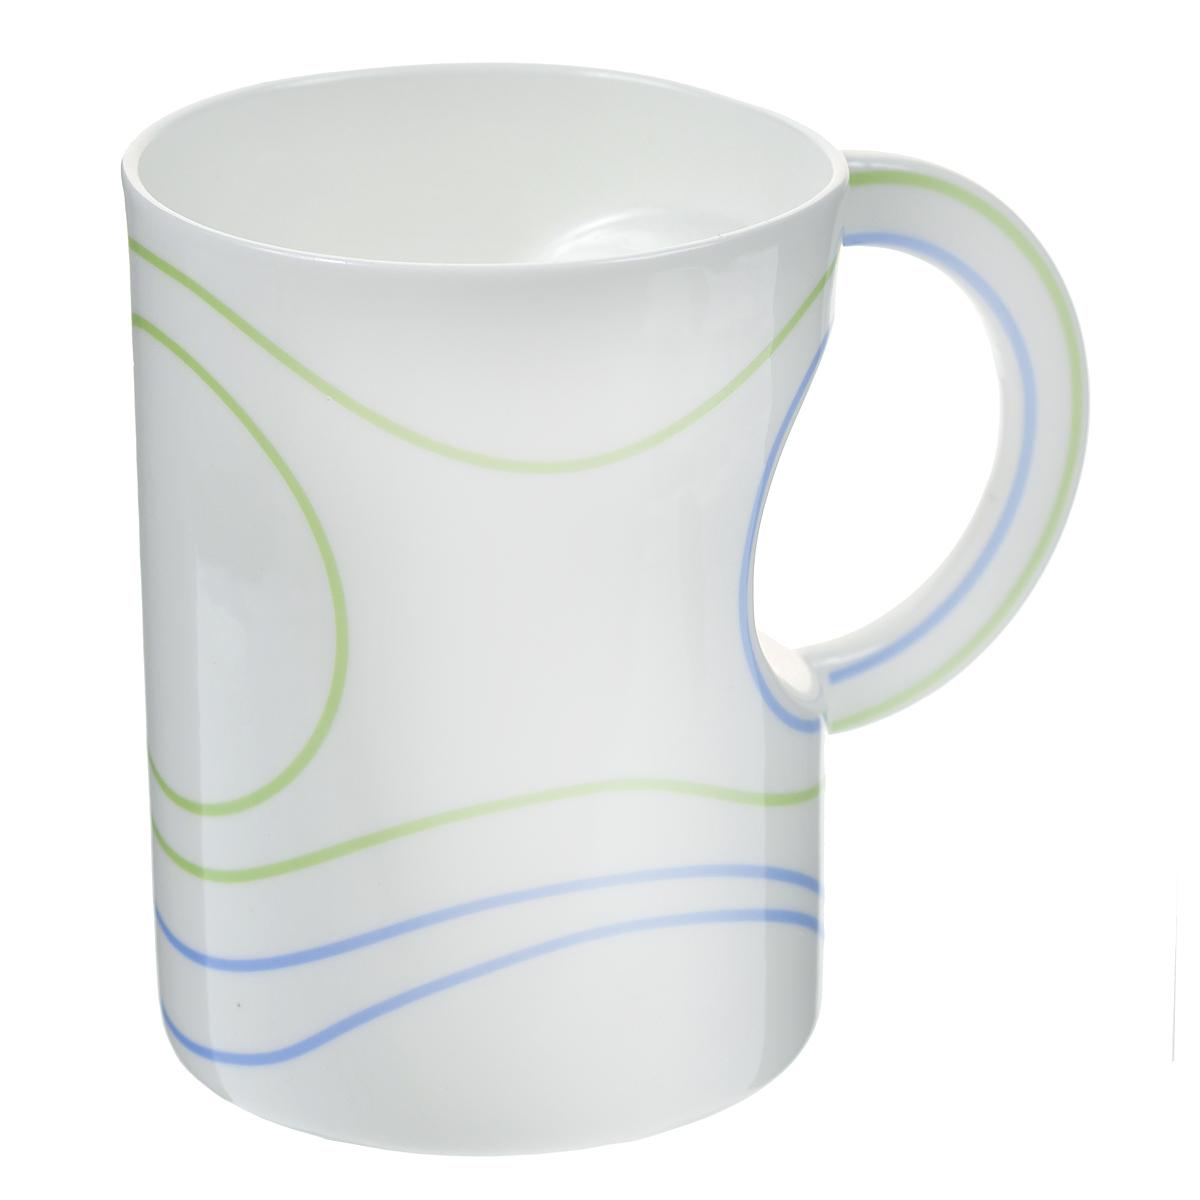 Кружка Полосы, цвет: белый, зеленый, голубой. 003404003404Стильная кружка Полосы необычной вогнутой формы с рисунком в виде полос выполнена из керамики.Такая кружка станет не только приятным, но и практичным сувениром. Характеристики:Материал:керамика. Высота кружки:11,3 см. Диаметр по верхнему краю: 8,5 см. Размер упаковки:11,5 см х 9,8 см х 12 см. Артикул: 003404.